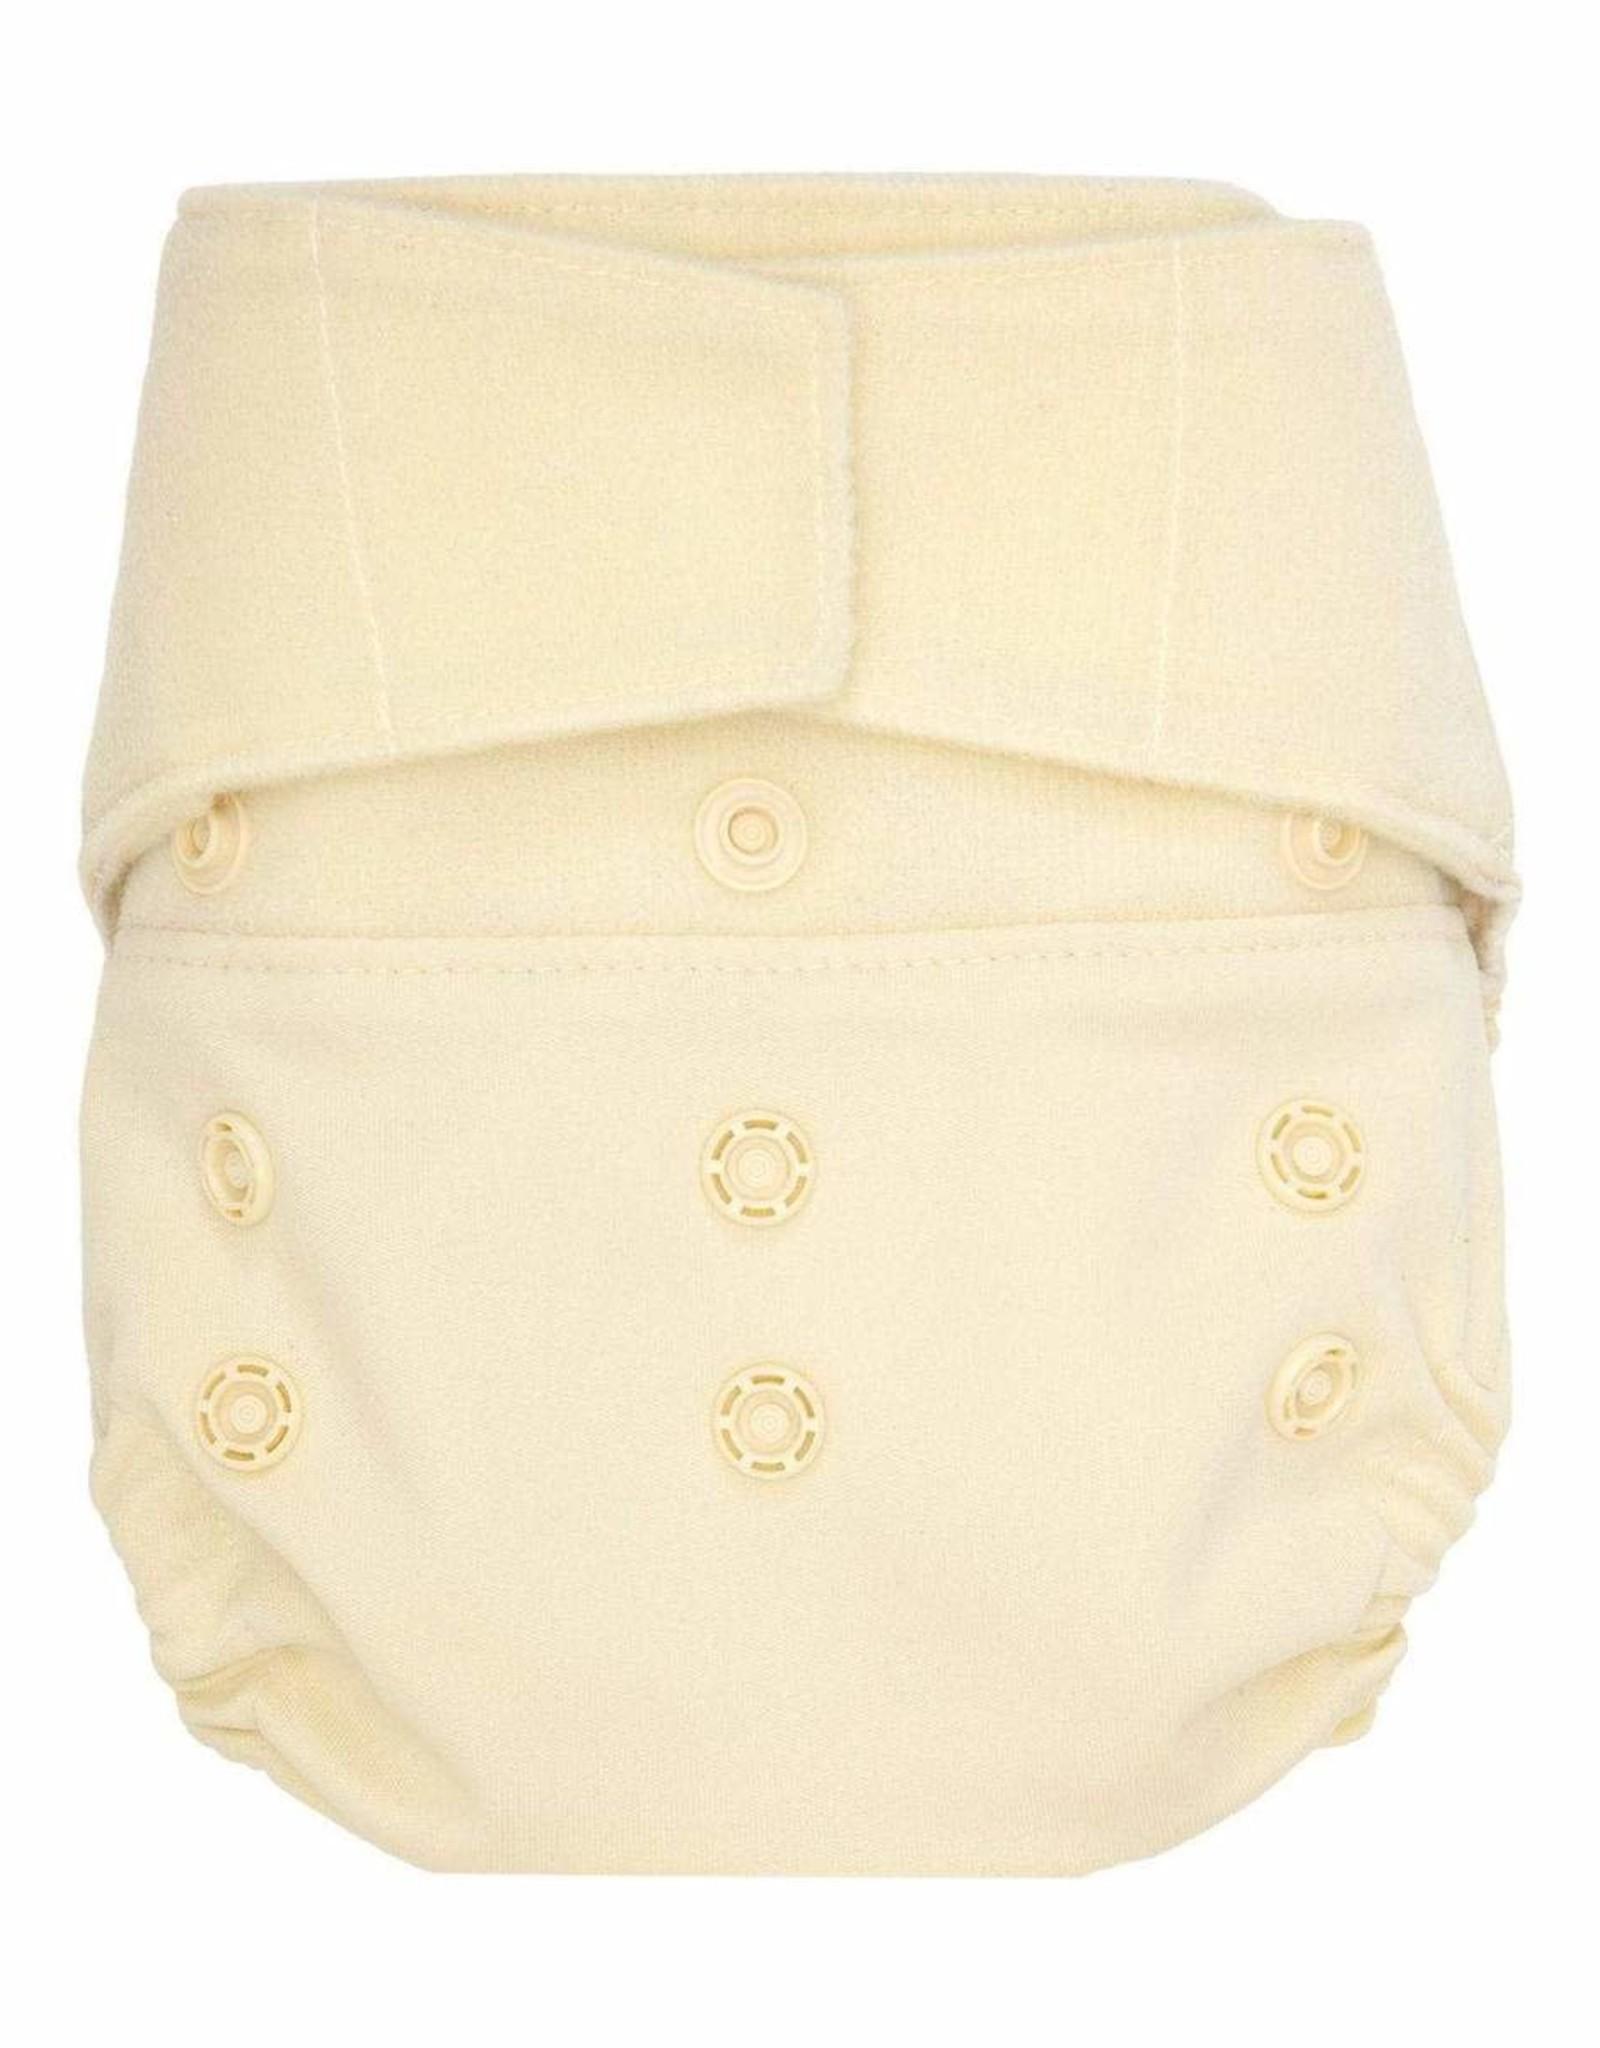 Hook & Loop Hybrid Cloth Diapers- Vanilla